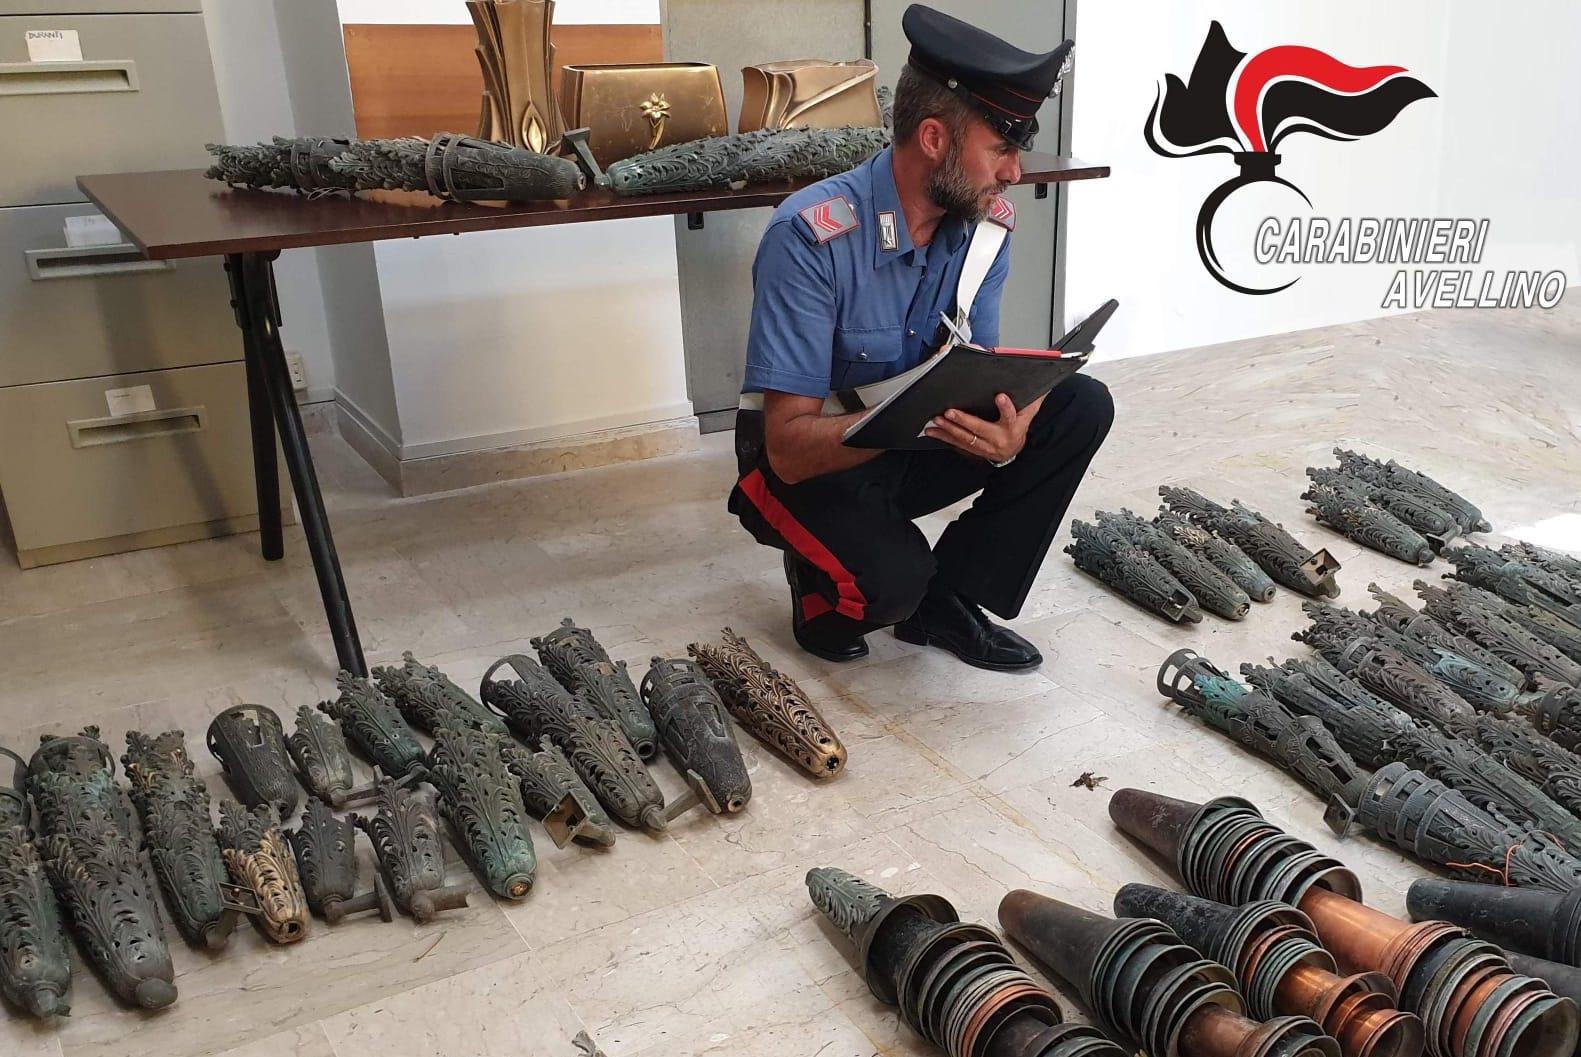 Avellino: maxi-furto al cimitero, in manette 50enne